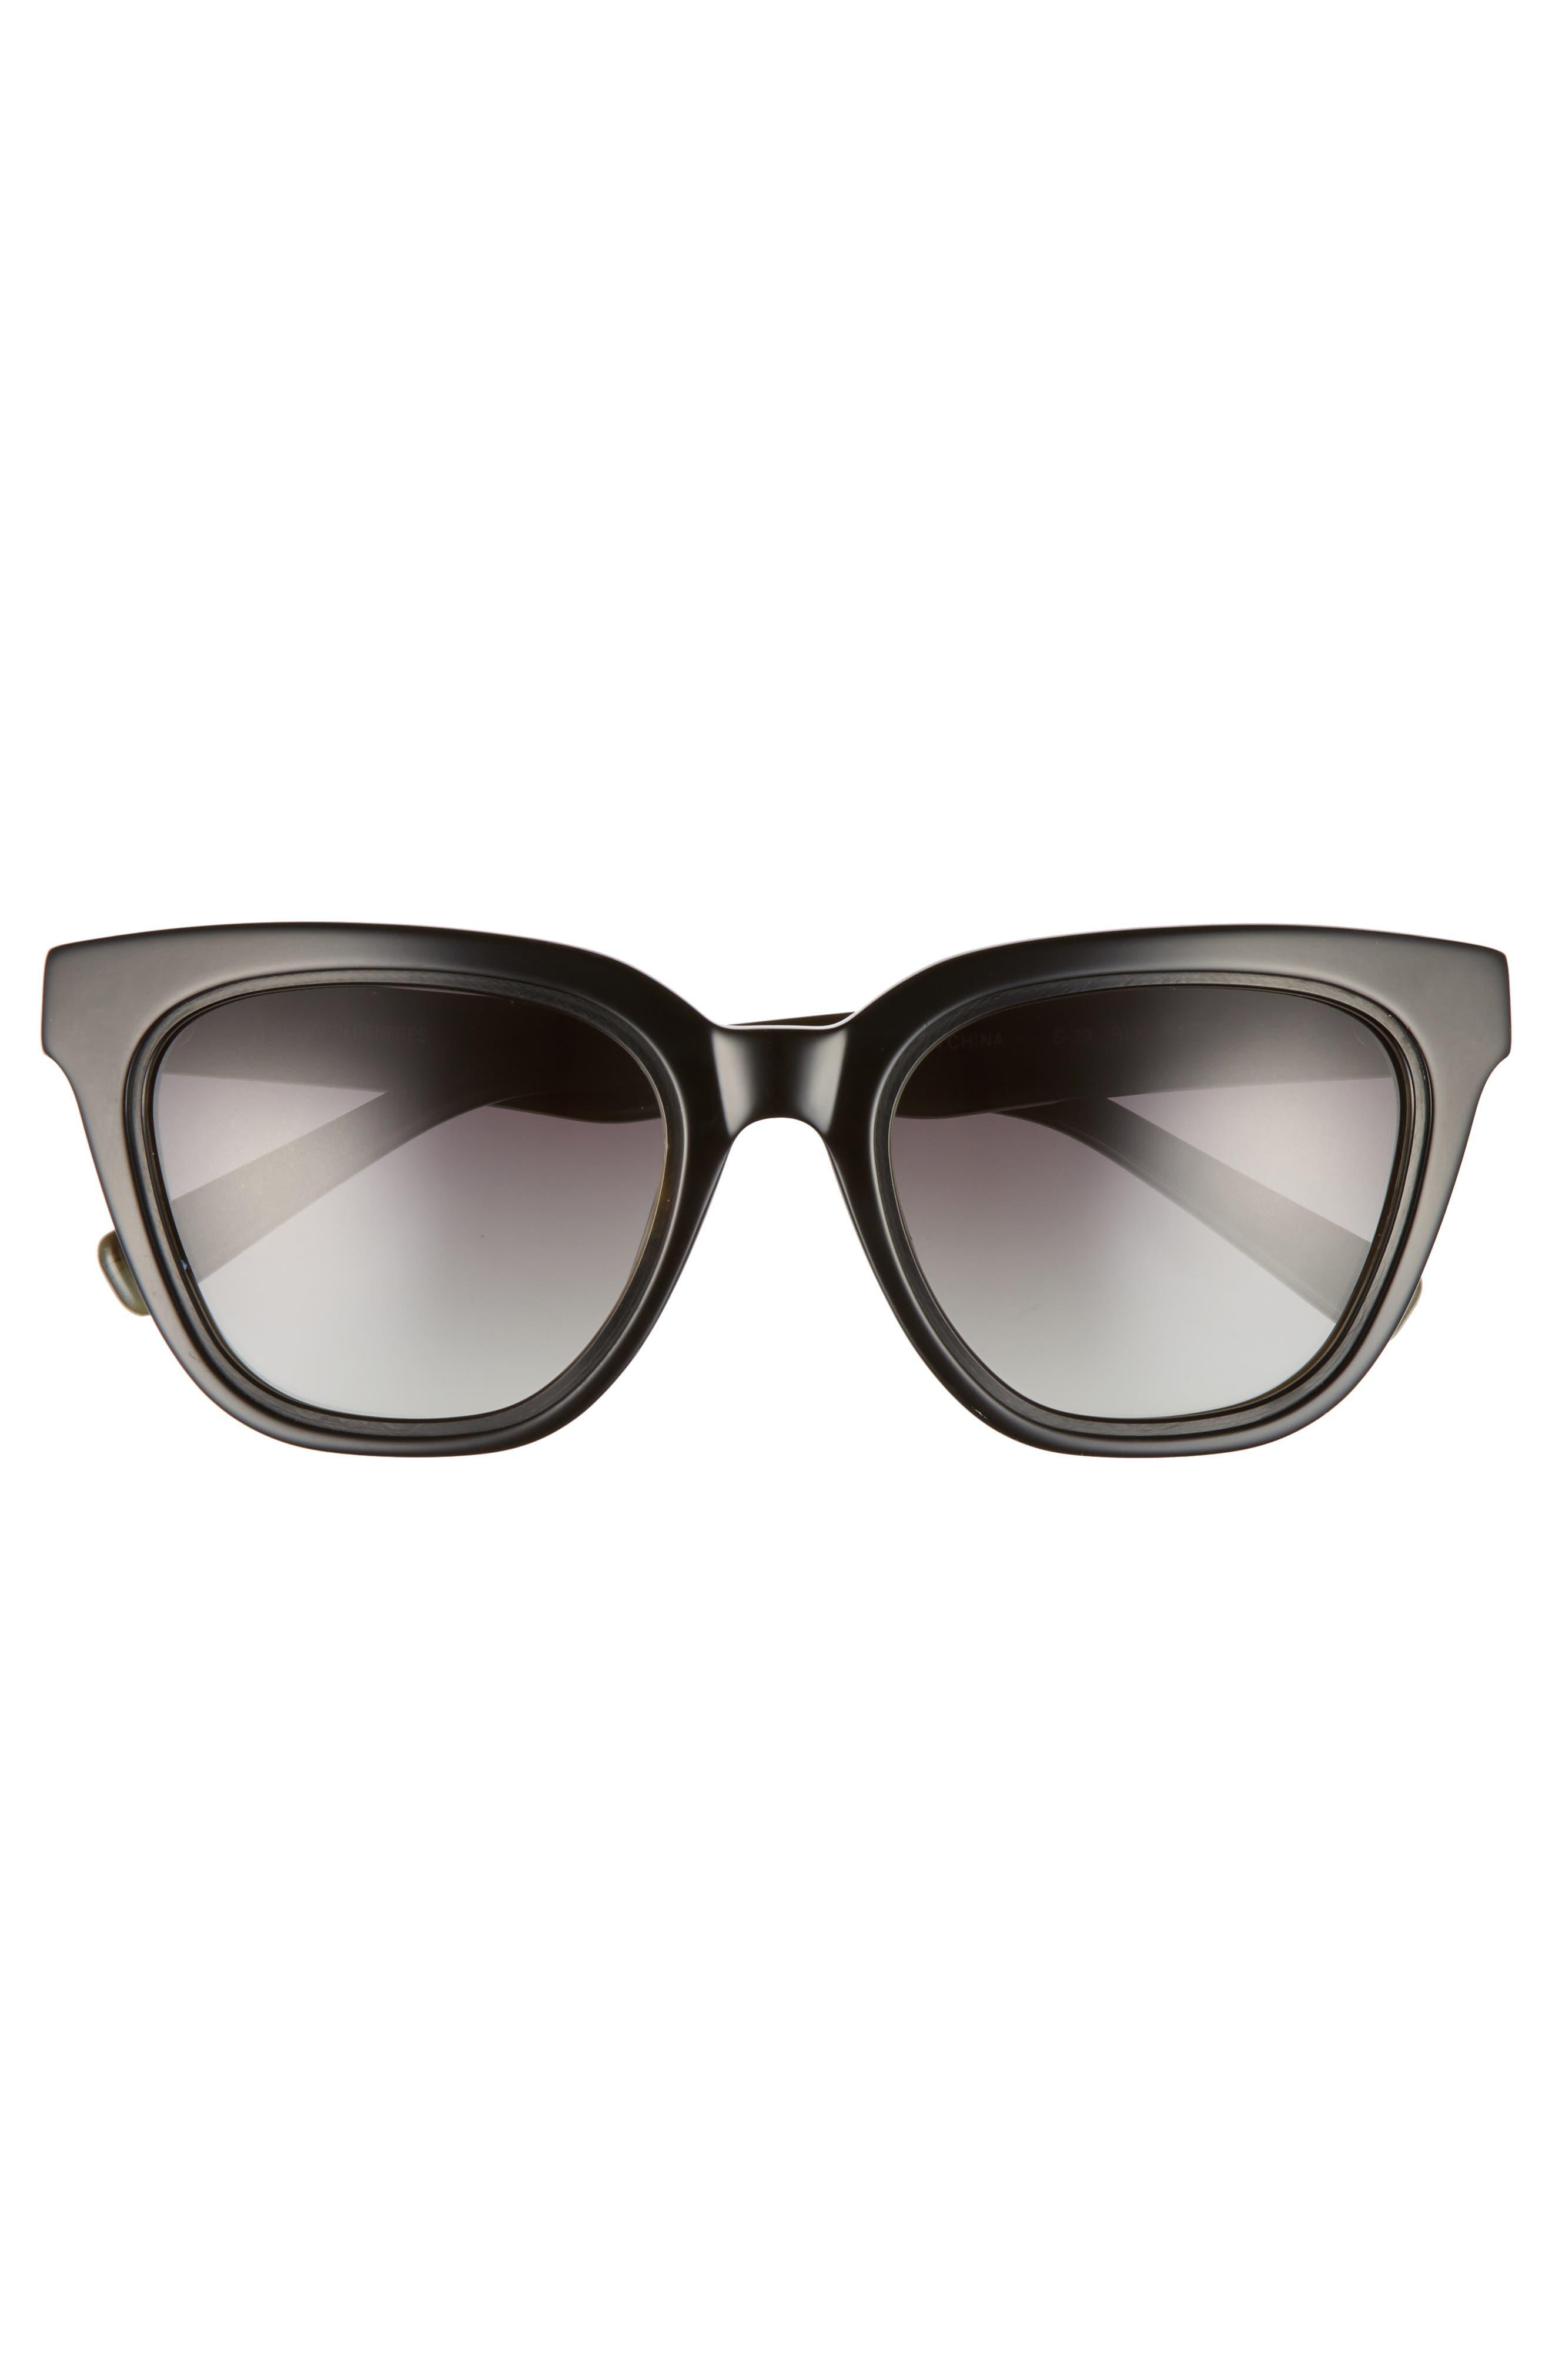 54mm Rectangular Cat Eye Sunglasses,                             Alternate thumbnail 3, color,                             001